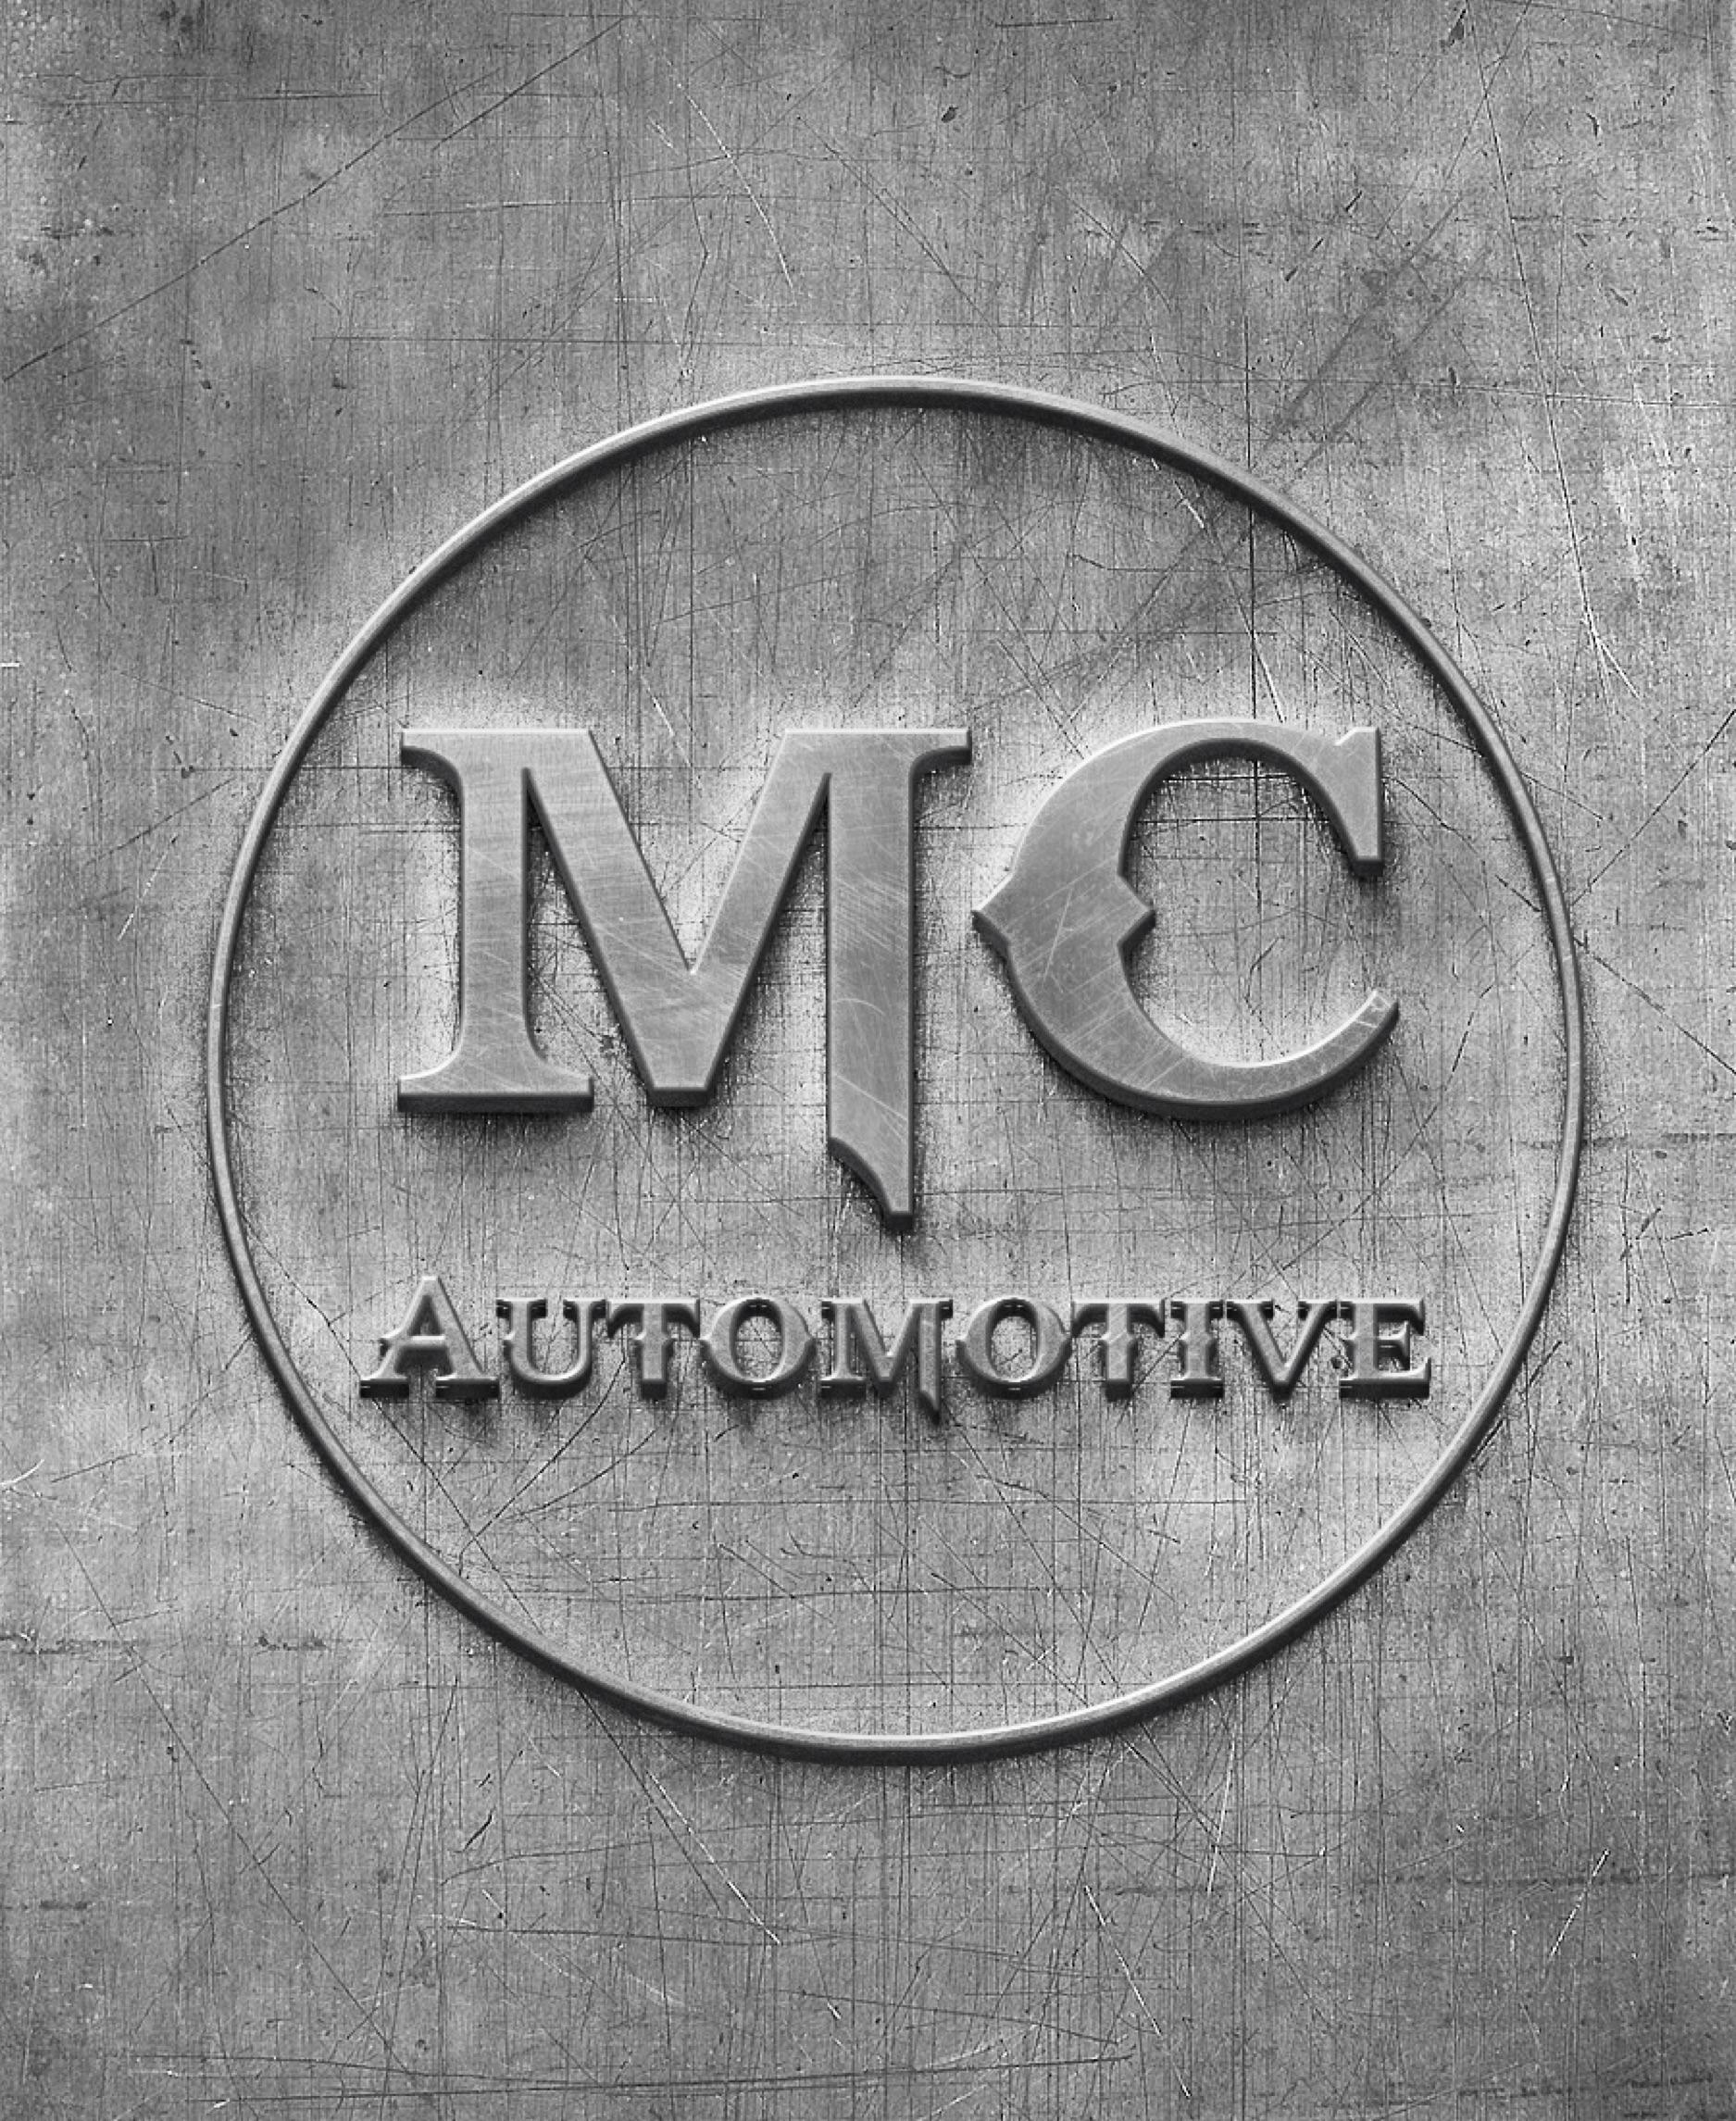 MC Automotive Services